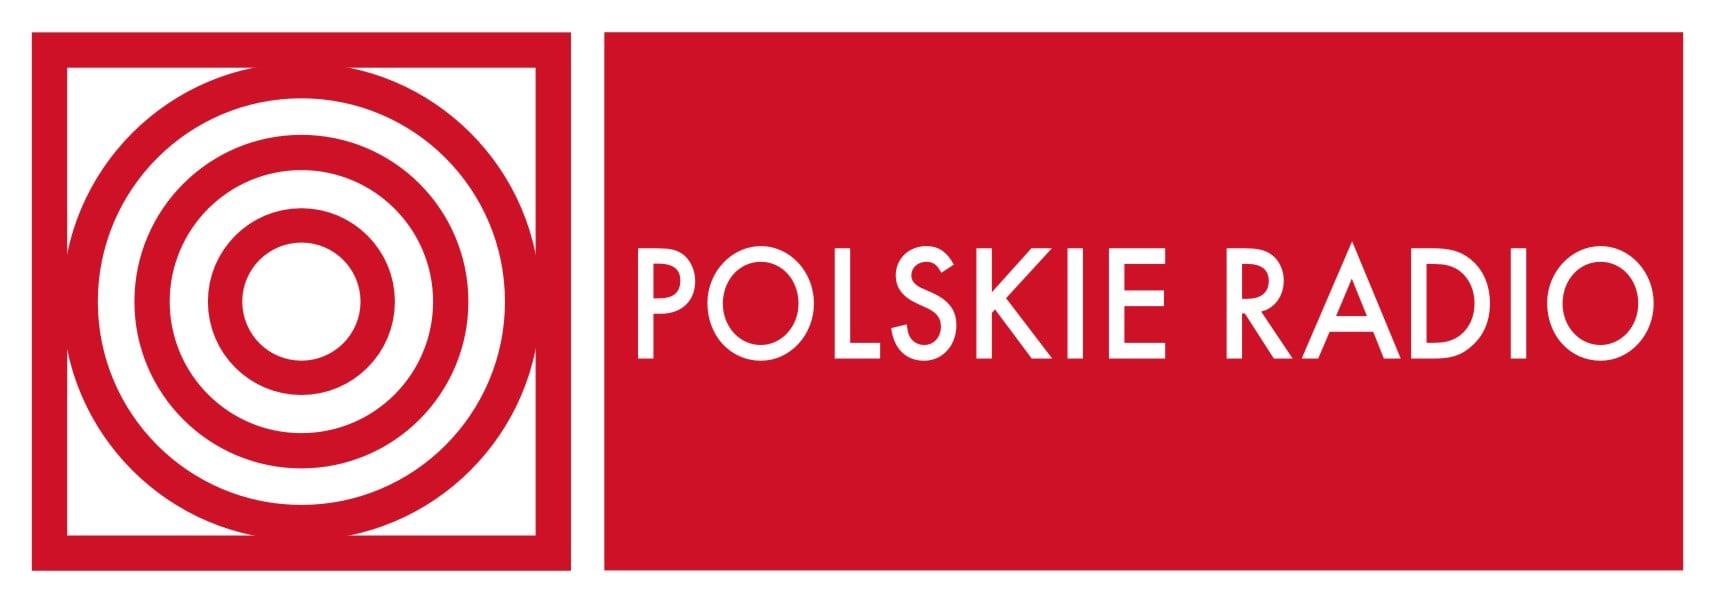 polskie radio 1, wywiad z prawnikiem